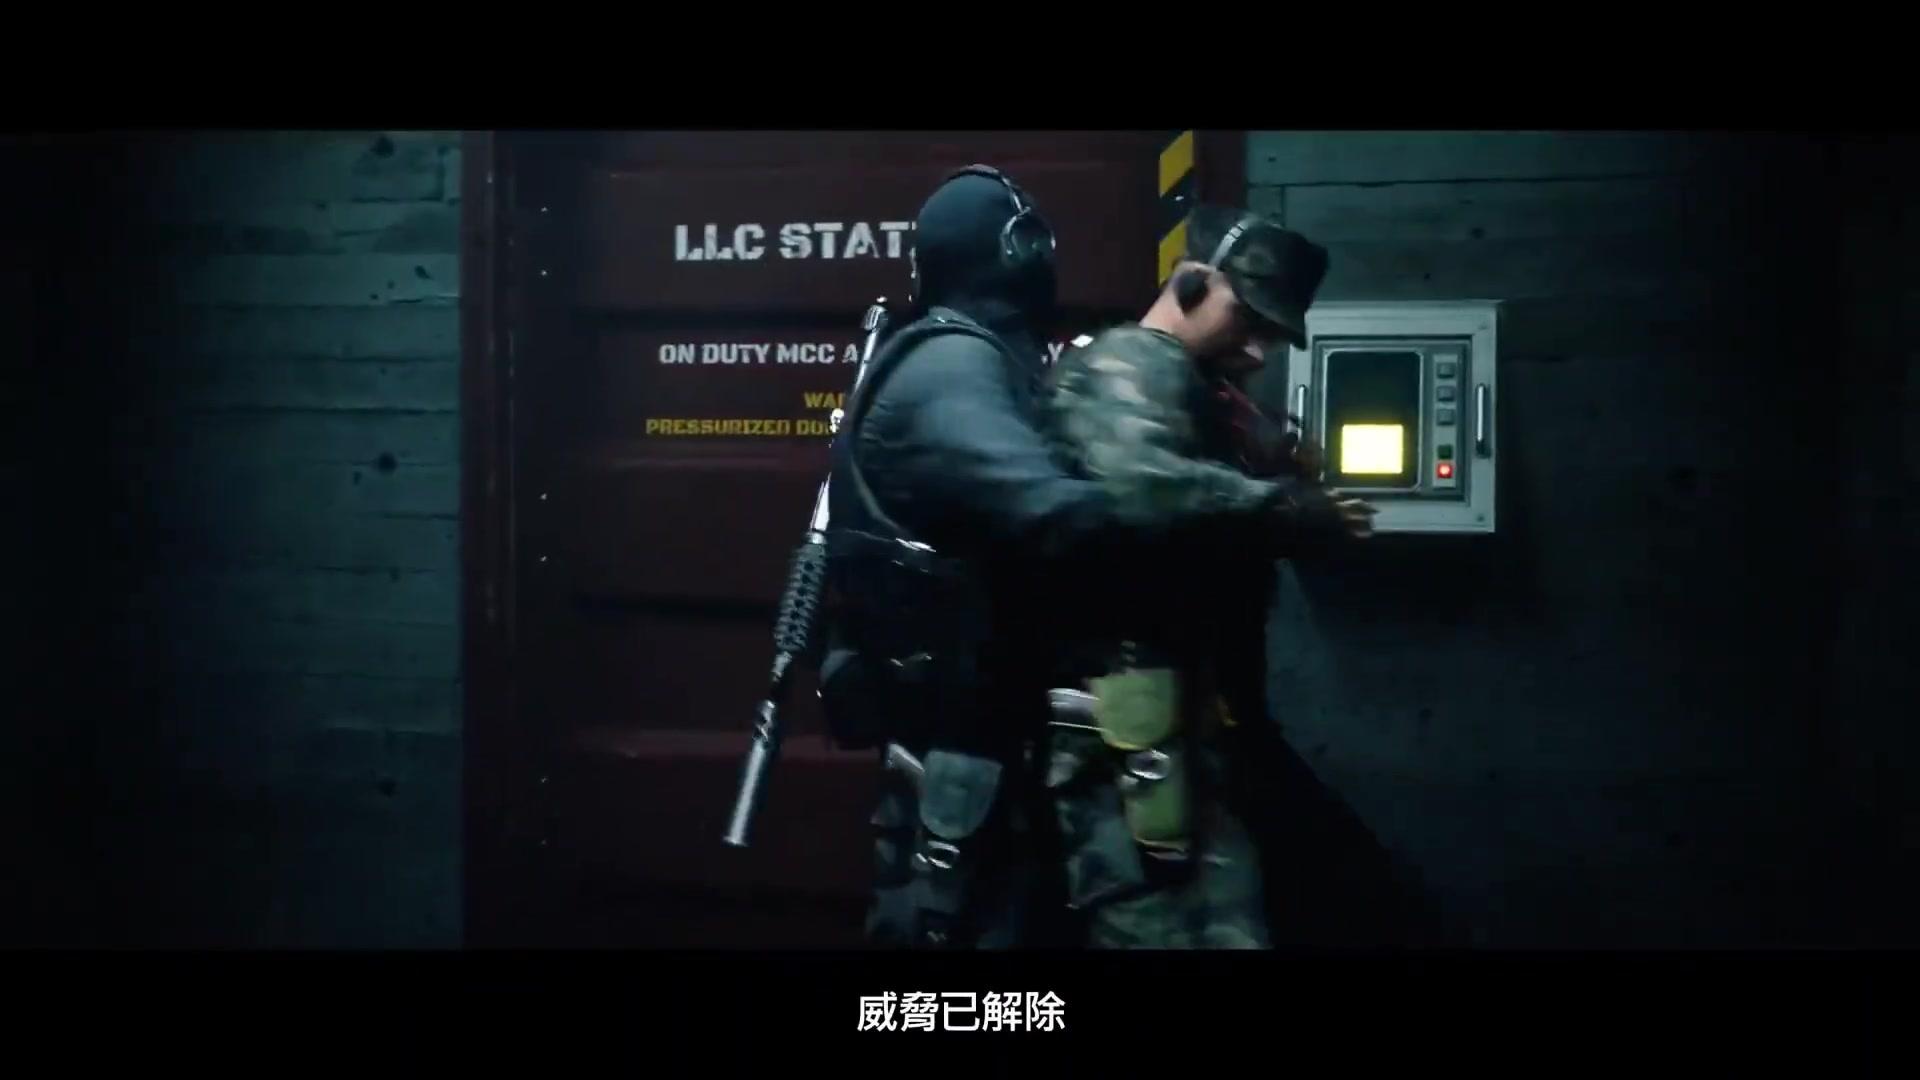 《使命召唤17:黑色行动冷战》多人模式预告片公布!